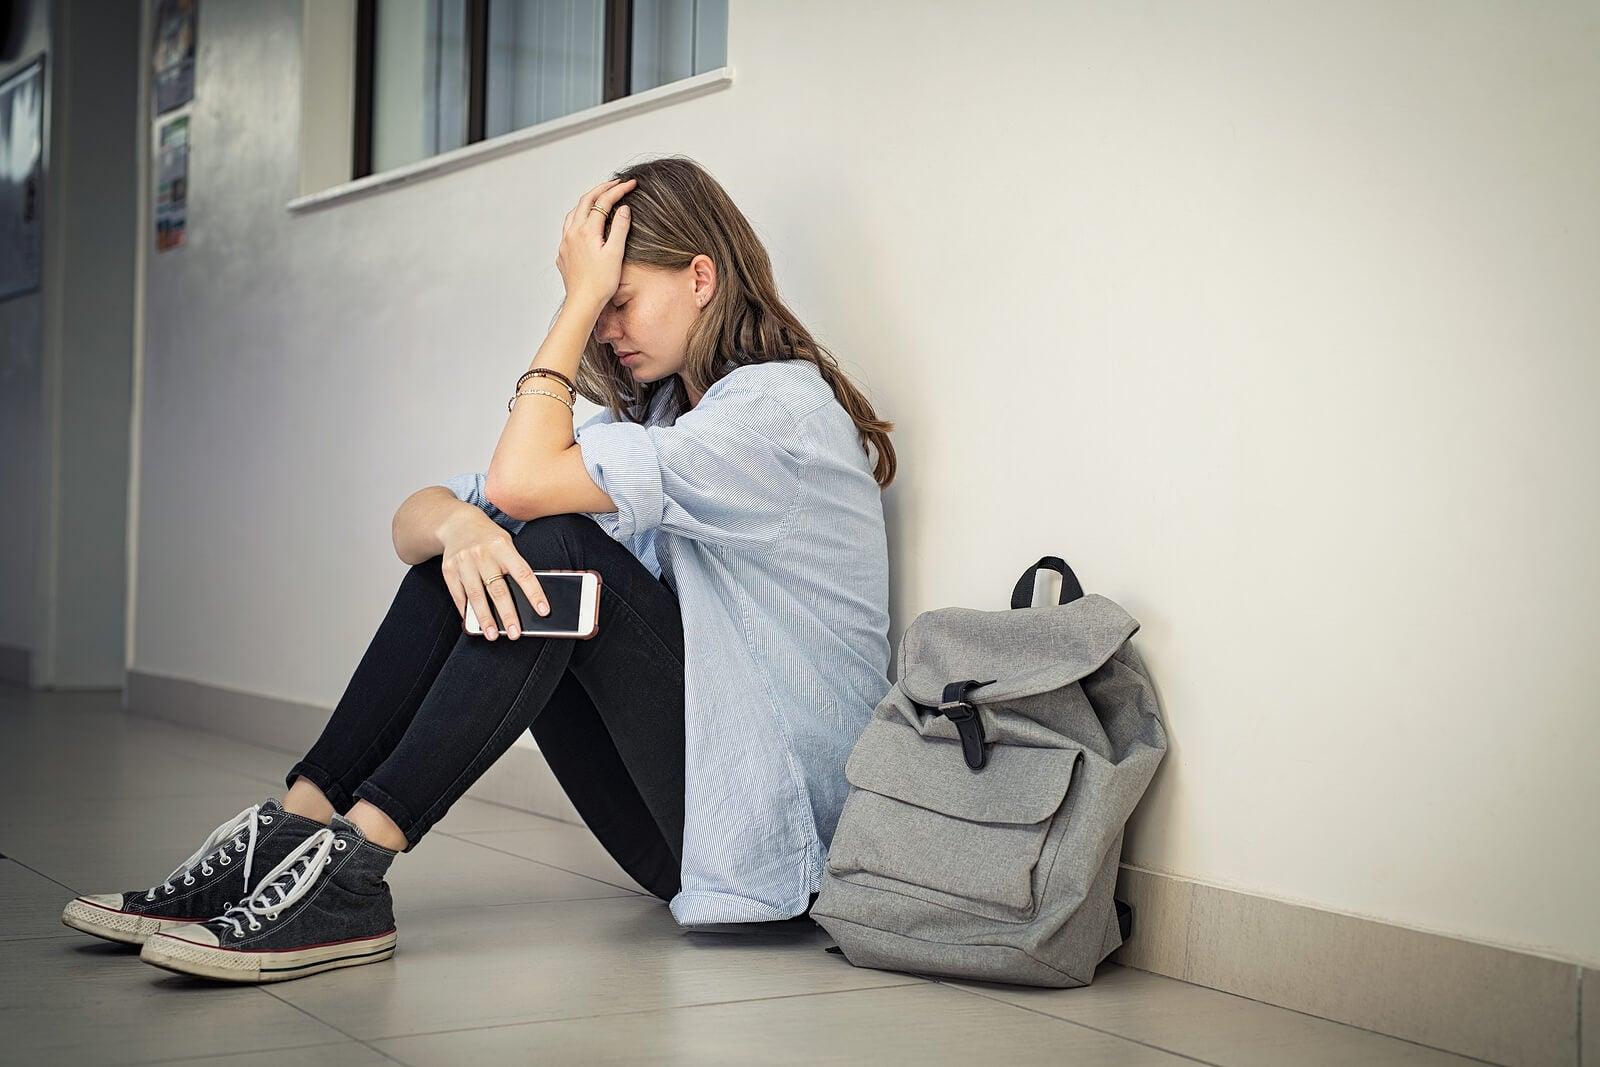 Adolescente sufriendo acoso sin saber cómo actuar frente al bullying.